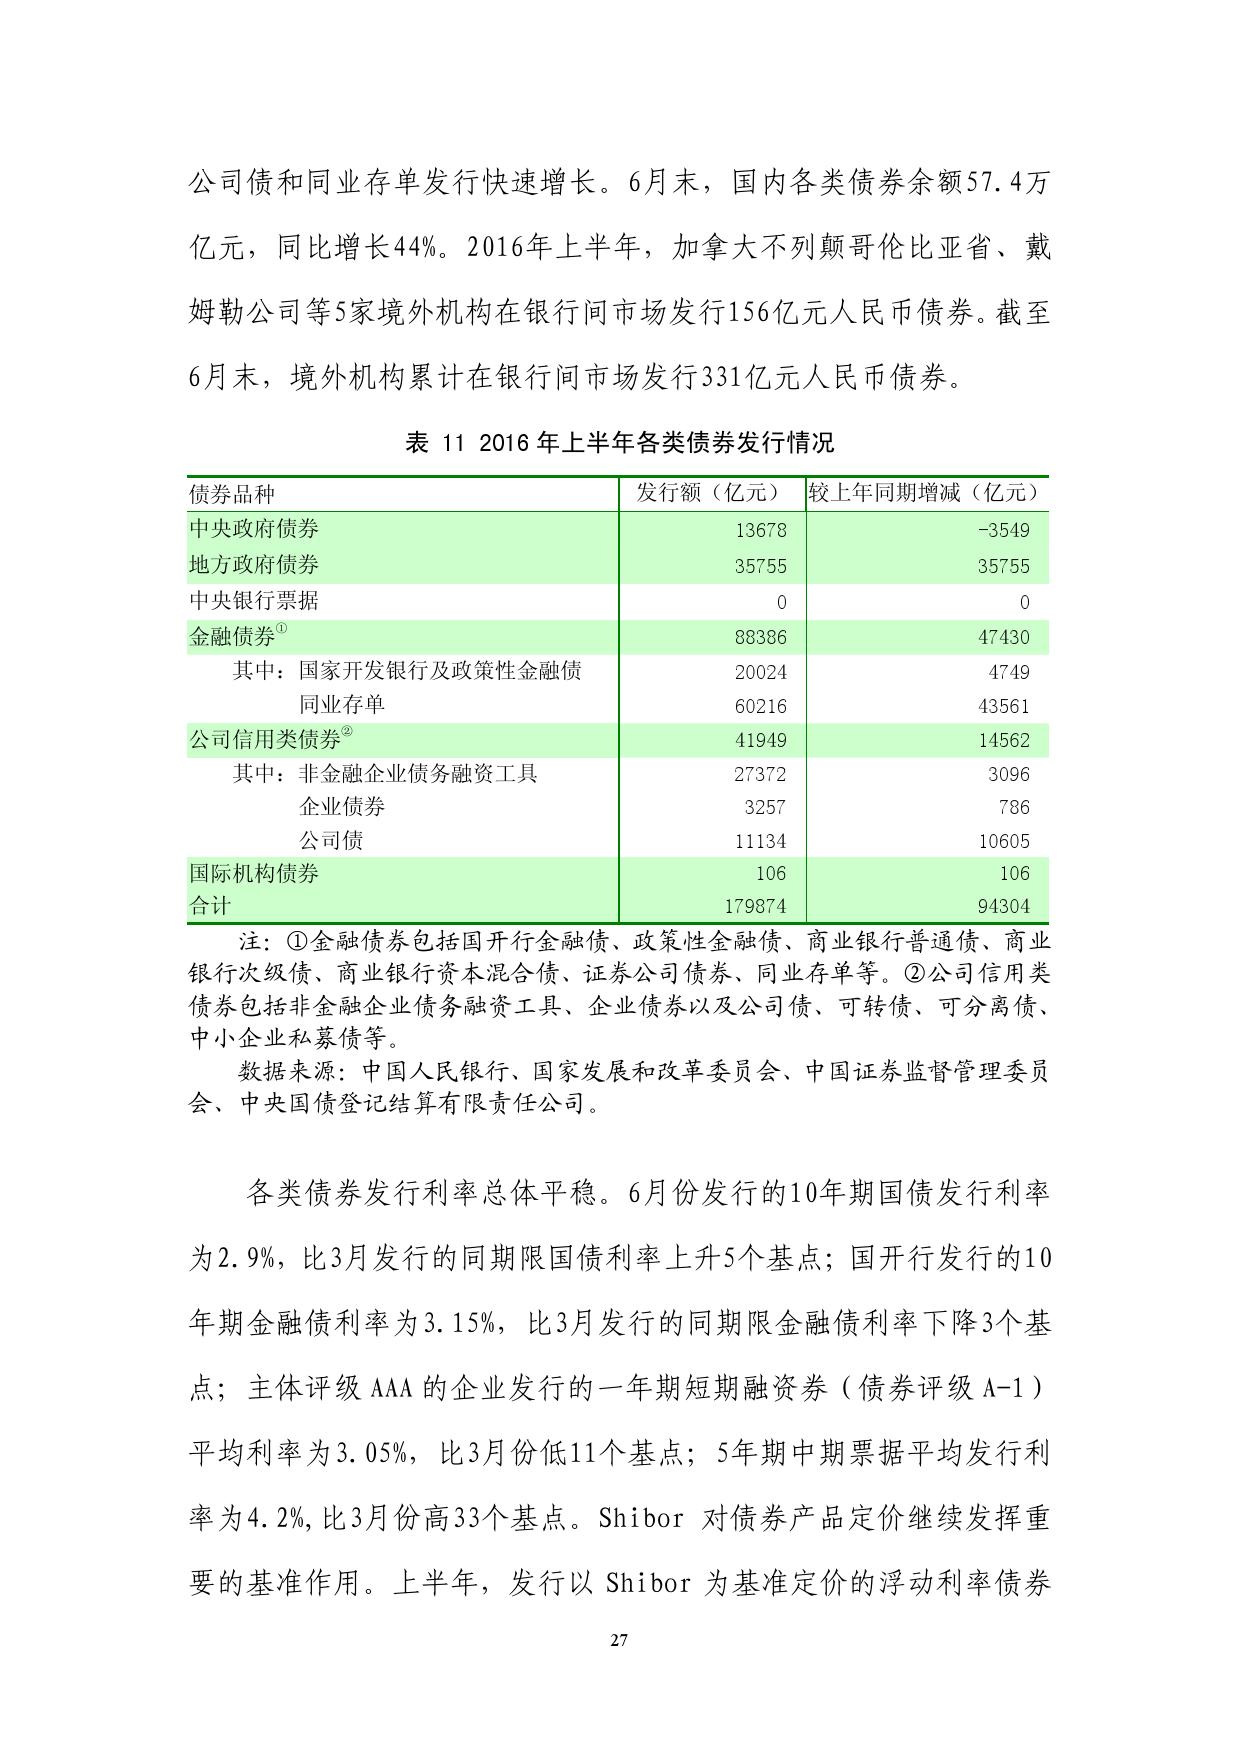 2016年Q2中国货币政策执行报告_000033